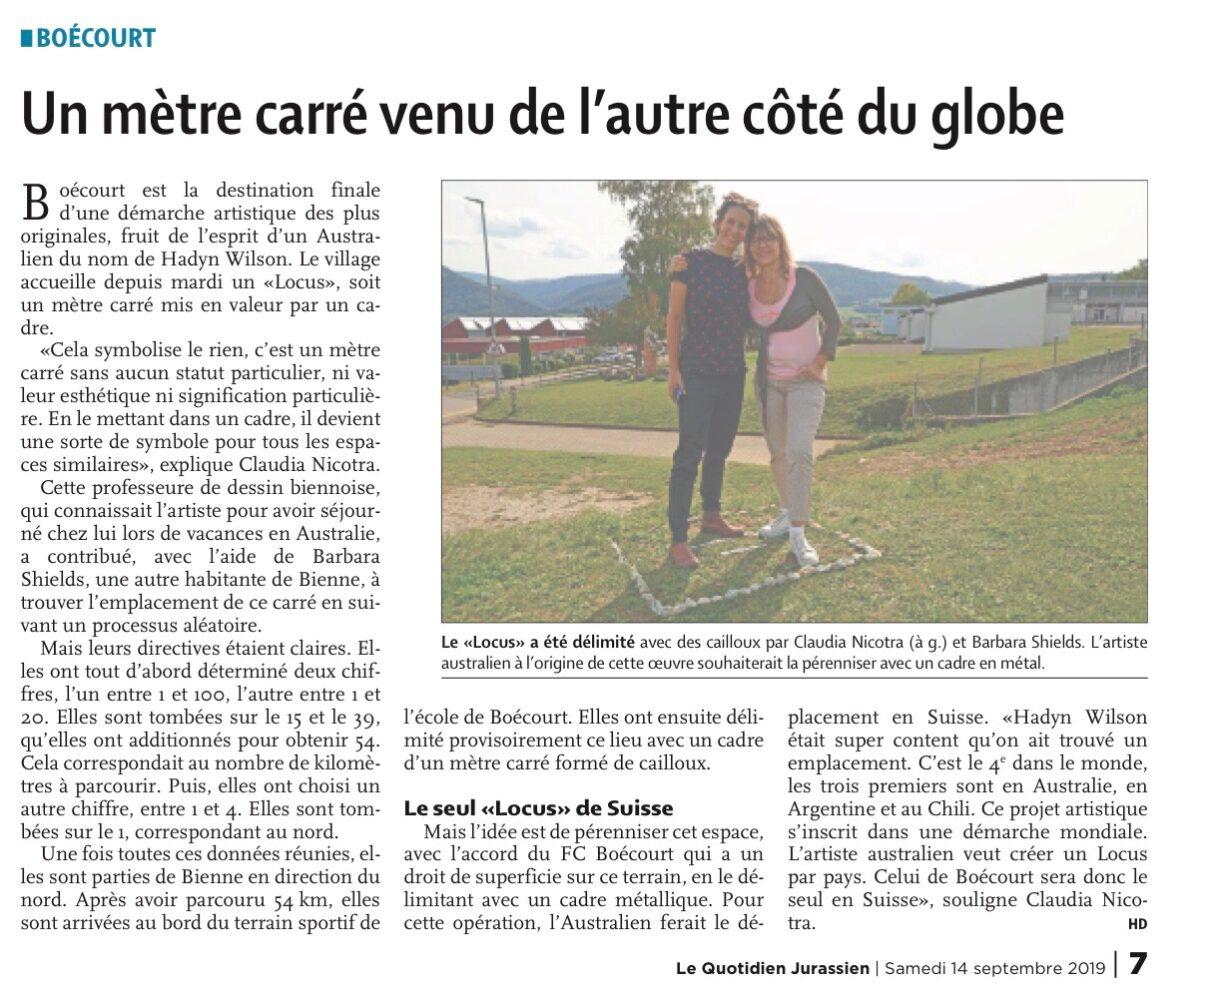 Locus Non Consequensia Switzerland – Quotidien Jurassien newspaper article – 14 September 2019